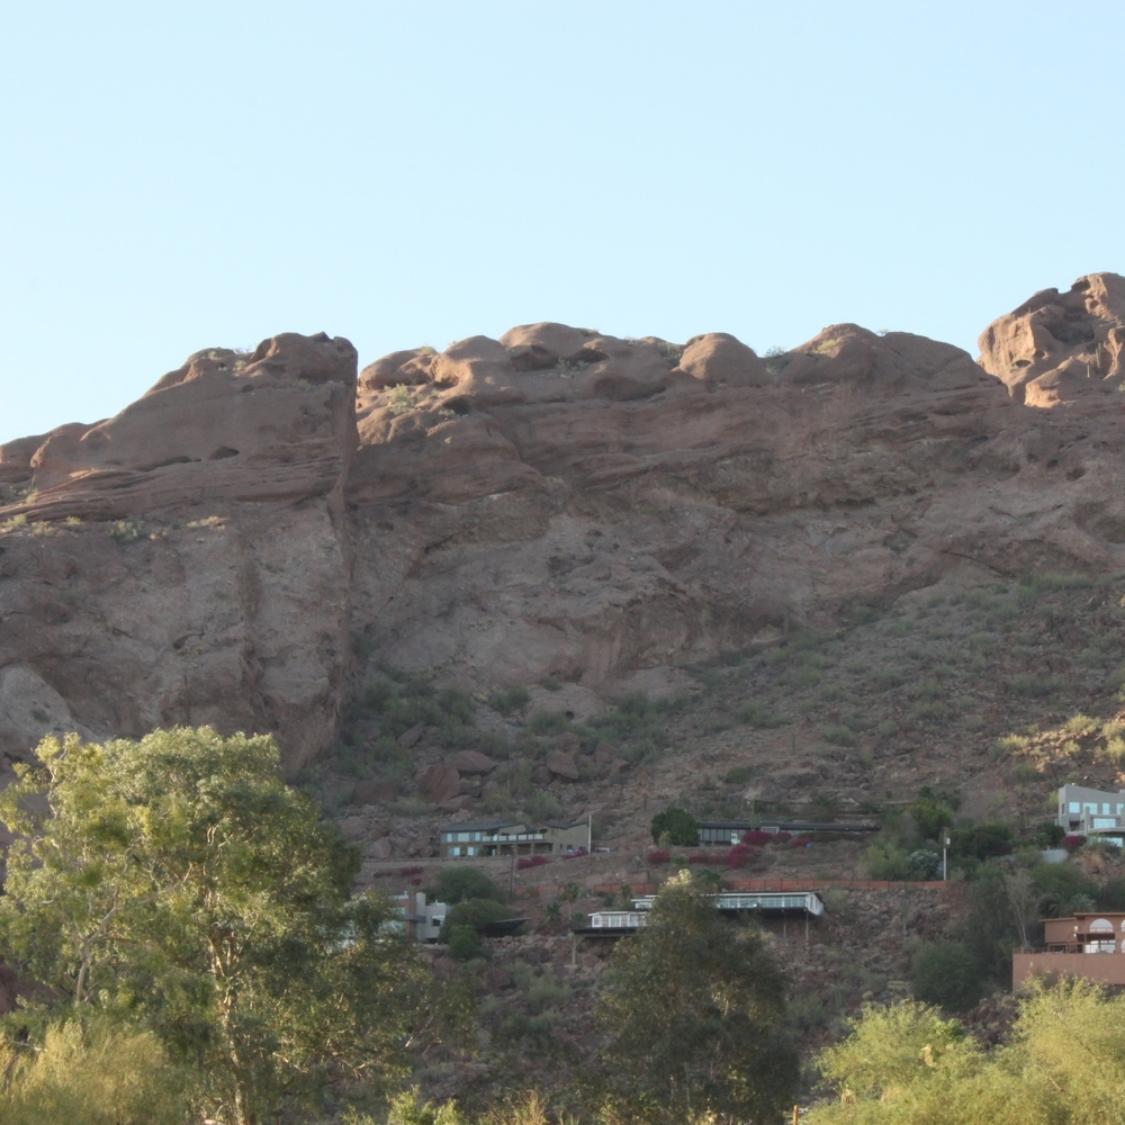 Camelback Mountain Estates